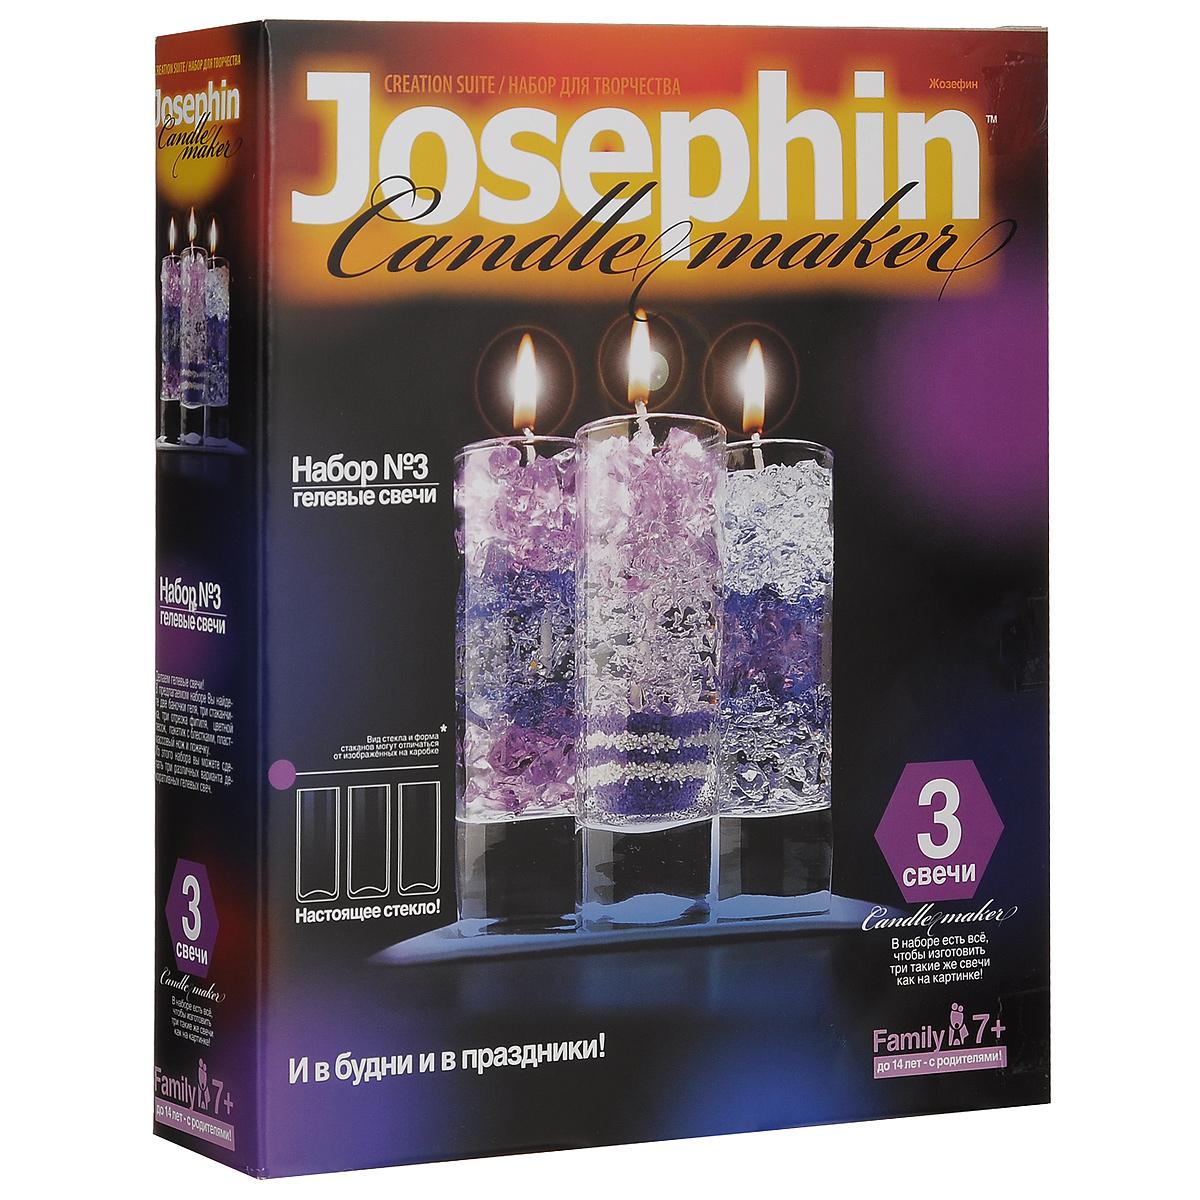 Набор для изготовления гелевых свечей Josephin №3274003В наборе для изготовления гелевых свечей Josephin №3 вы найдете две баночки геля, три стаканчика, три отрезка фитиля, цветной песок, пакетик с блестками, пластмассовый нож, ложечку и подробную инструкцию по работе с набором. Из этого набора вы сможете изготовить три различных варианта декоративных гелевых свечей. Кто не мечтал о своем маленьком свечном заводике? Вот он! Праздник, семейное торжество или обычный день - набор отлично подойдет для подарка, для эксклюзивно изготовленного украшения праздника или просто позволит увлекательно и уютно провести вечер в семейном кругу. Это своего рода соревнование в фантазии и вкусе, изобретательности и декоративном таланте. Огромное количество всевозможных узоров, красок, эффектов. Создай свою коллекцию! Детям до 14 лет под присмотром родителей.